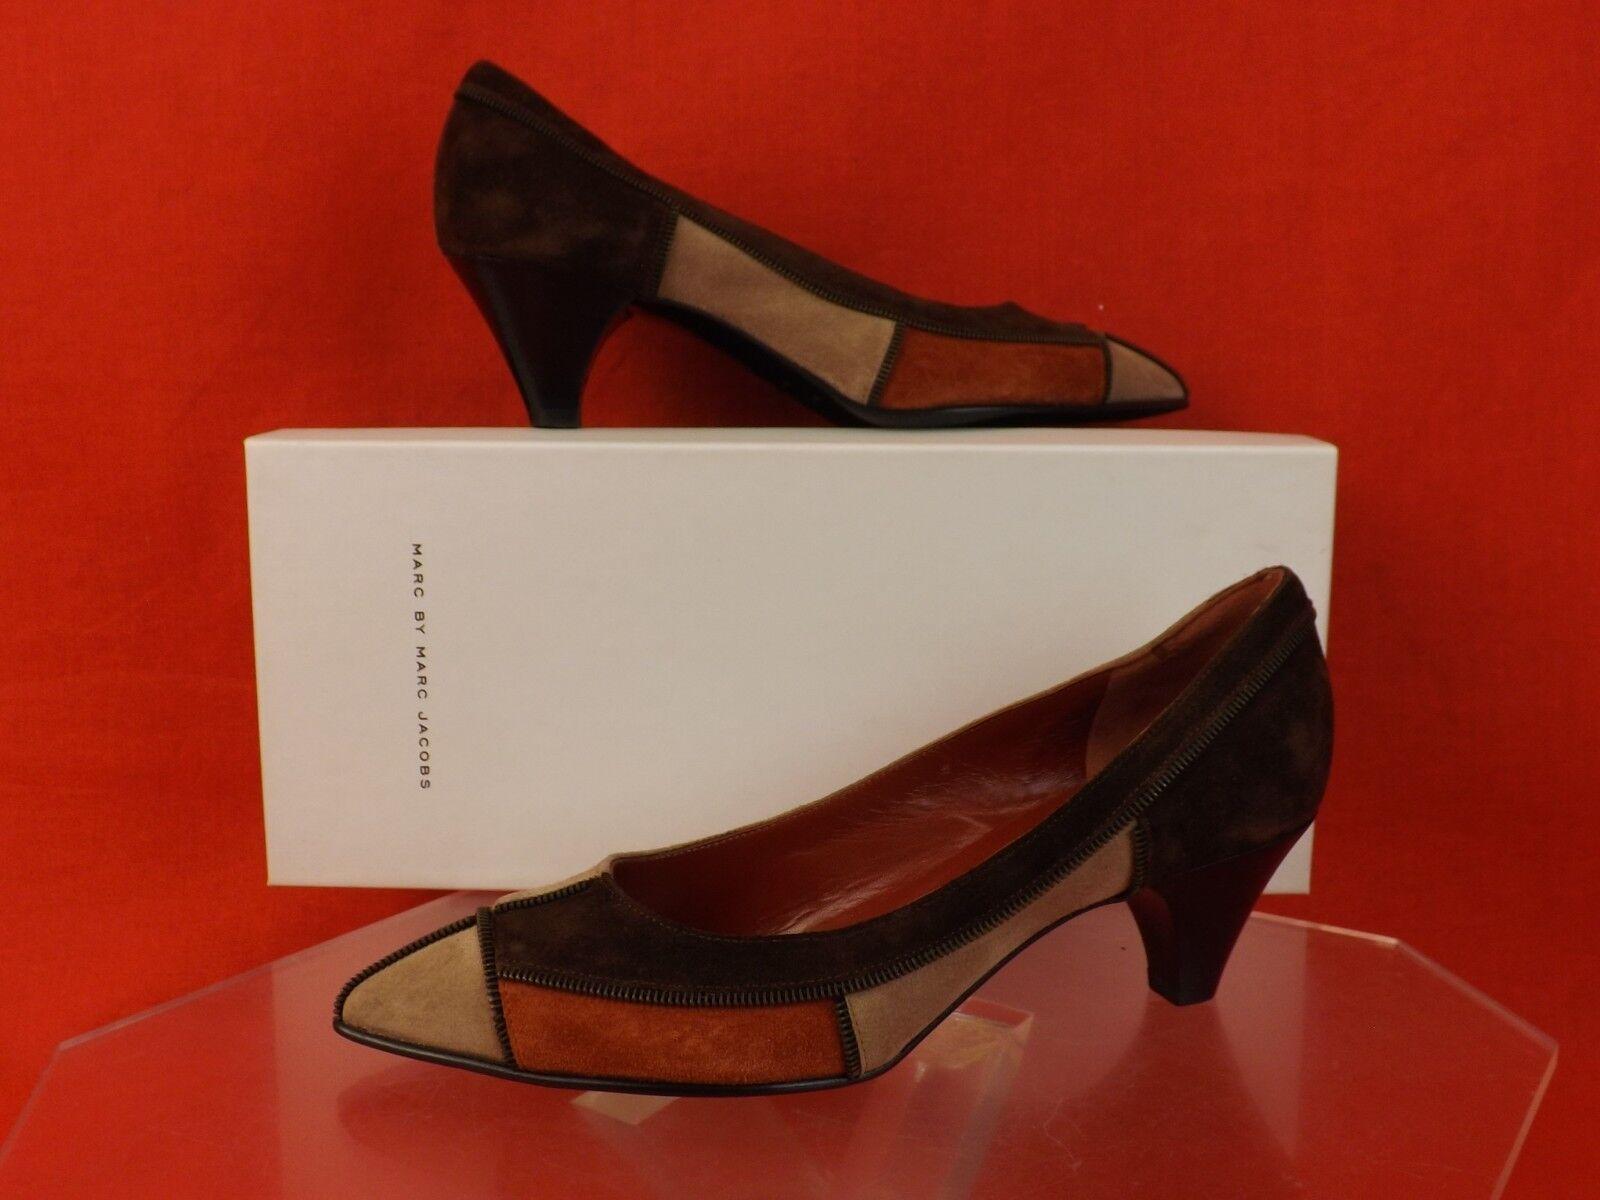 Nuevo En En En Caja Marc By Marc Jacobs Gamuza Marrón Bronceado moho con detalles de Cremallera Zapatos De Salón 39  399  envío rápido en todo el mundo